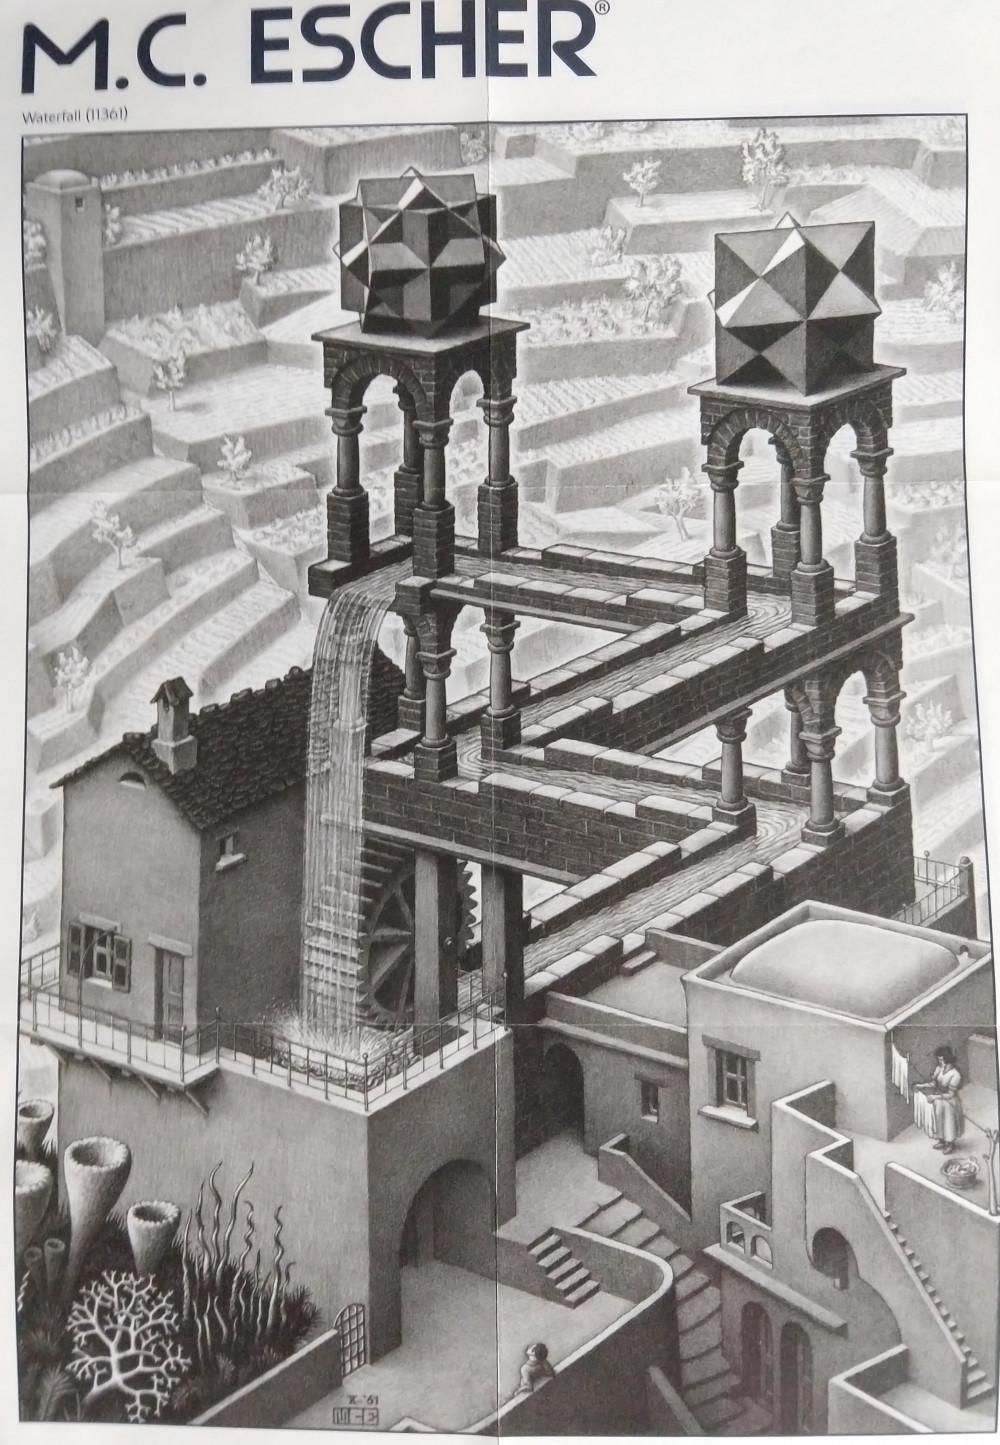 看看画 - M. C. Escher